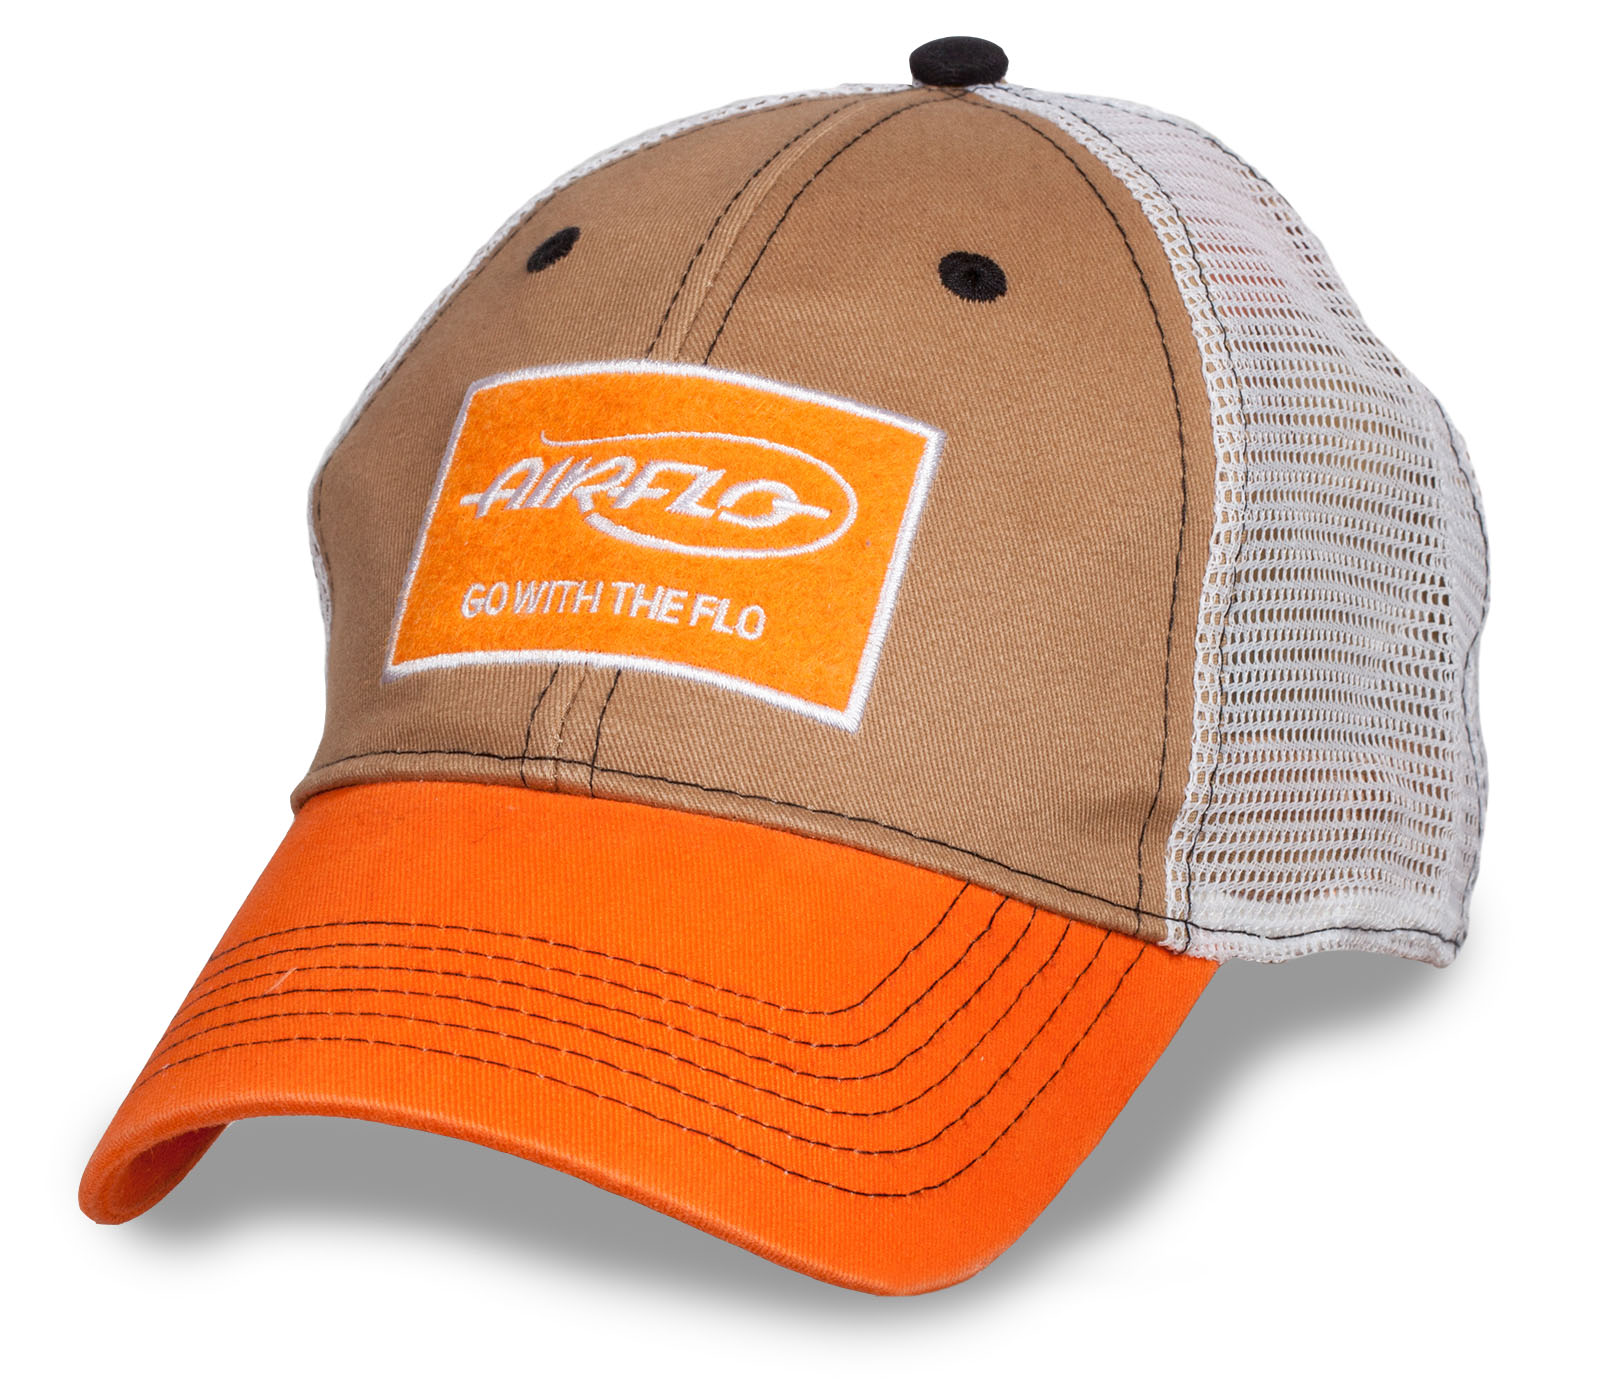 Выбирай классные вещи! Брендовая бейсболка Air Flo сделает тебя заметным. Хватит носить, что попало - бери лучшее!